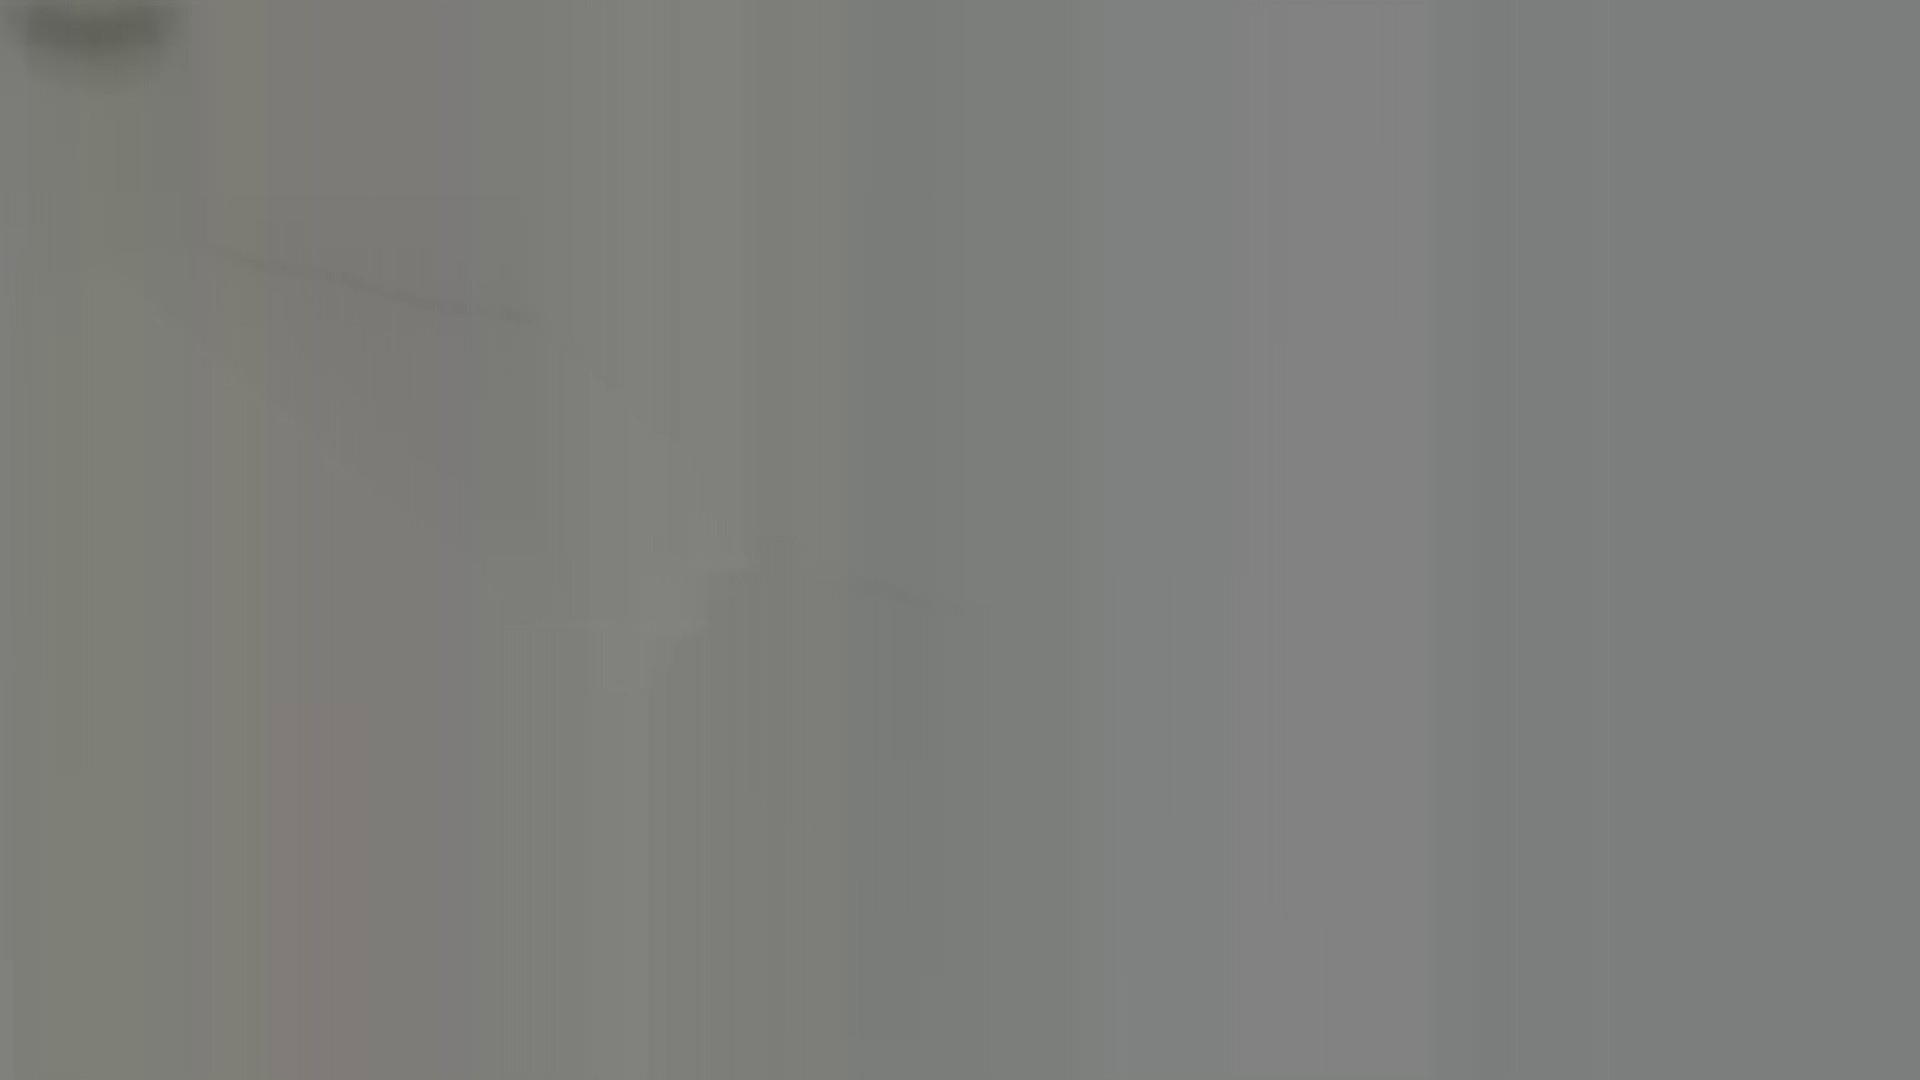 お銀 vol.67 新たな場所への挑戦が始まる!! 洗面所シーン SEX無修正画像 39画像 5